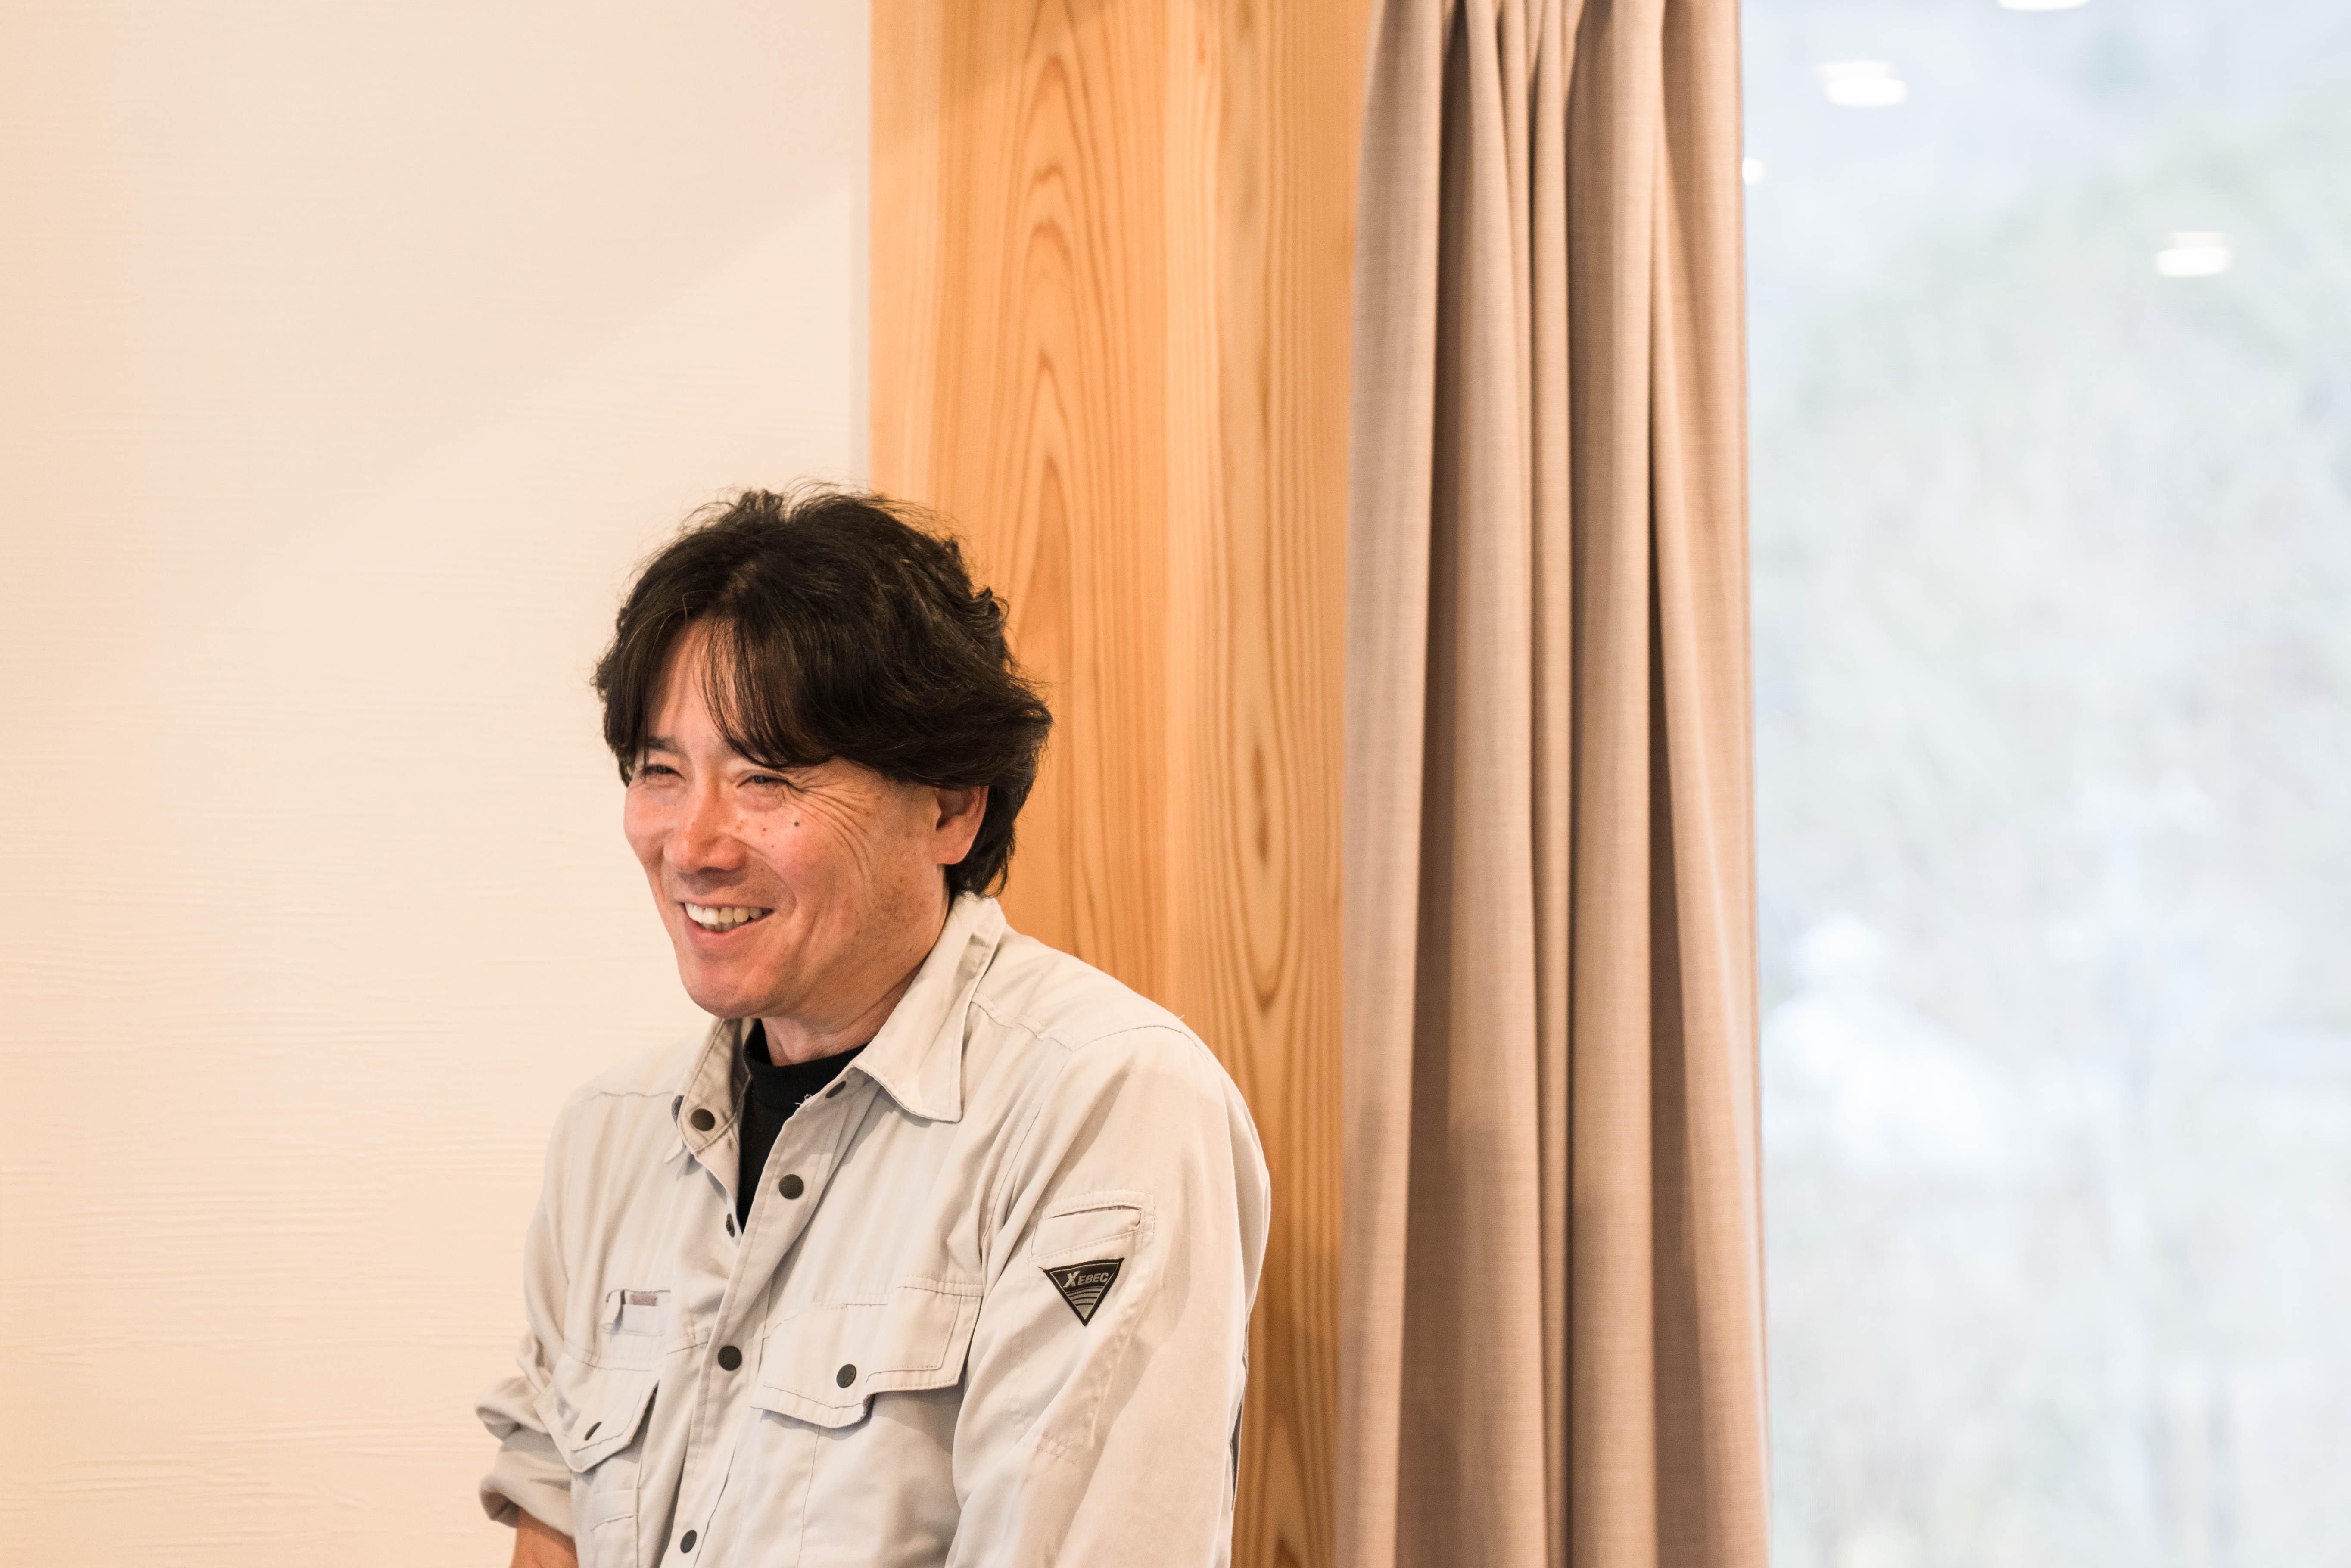 根羽村森林組合参事の今村豊さん。森が大好きで長野県の国立大学にて林業を勉強後、長野県職員として根羽村に出会い、2009年より根羽村森林組合の職員に。